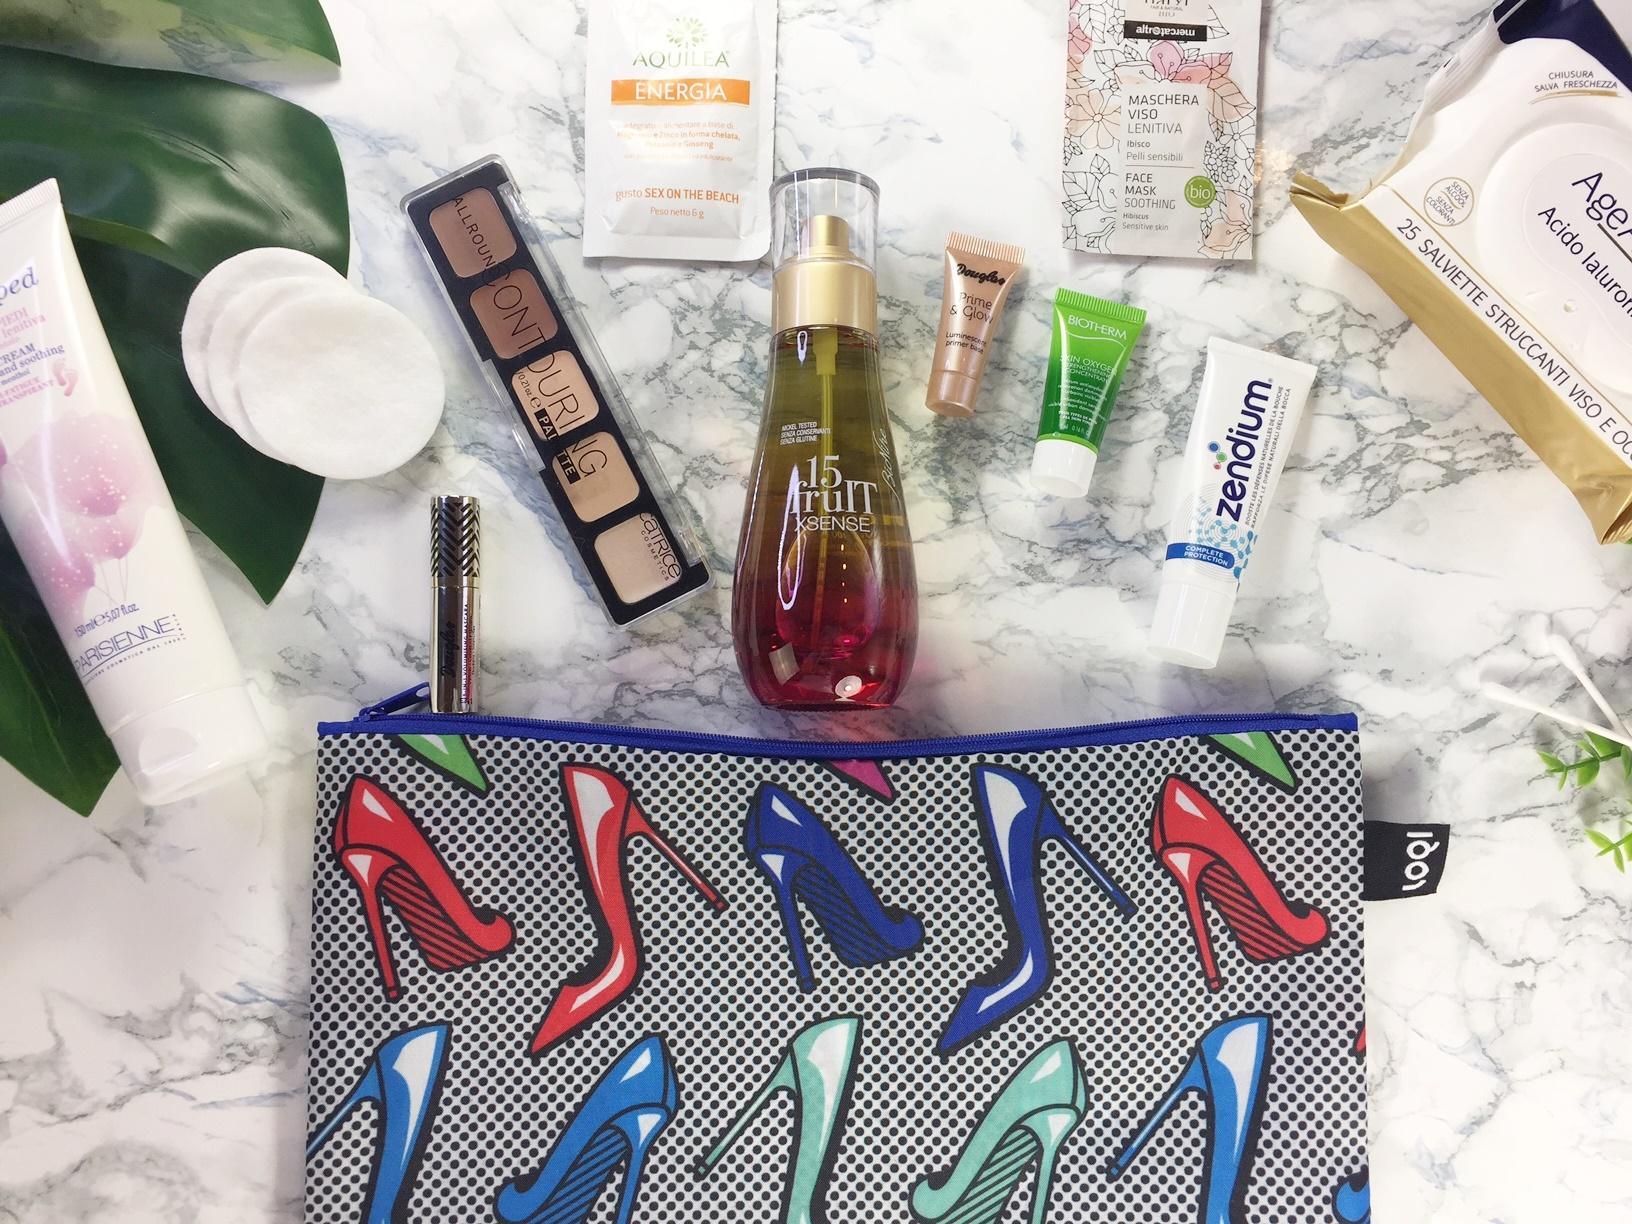 Back to cool: la nuova My Beauty Box di Settembre